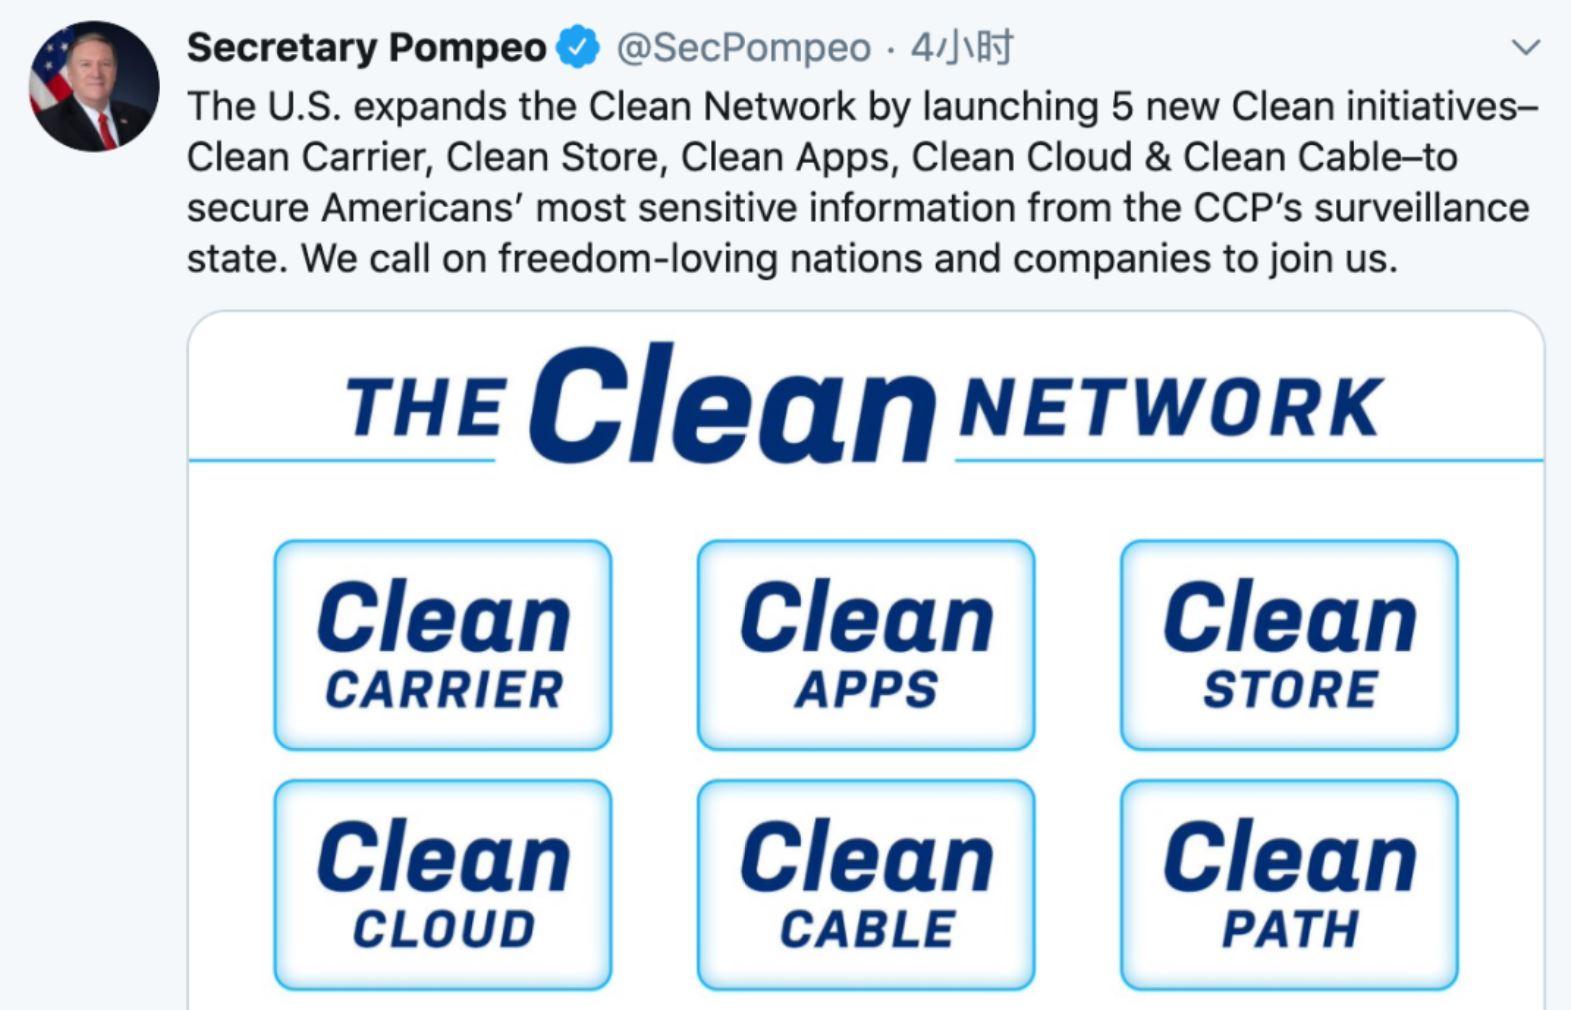 2021年1月5日,美國總統特朗普簽署行政令,禁止美方與支付寶、微信支付等八個中國應用程式進行交易。這被認為是美國「淨網行動」的進一步推進。圖為:美國國務卿蓬佩奧關於「淨網行動」的一則推文。(大紀元/網絡截圖)